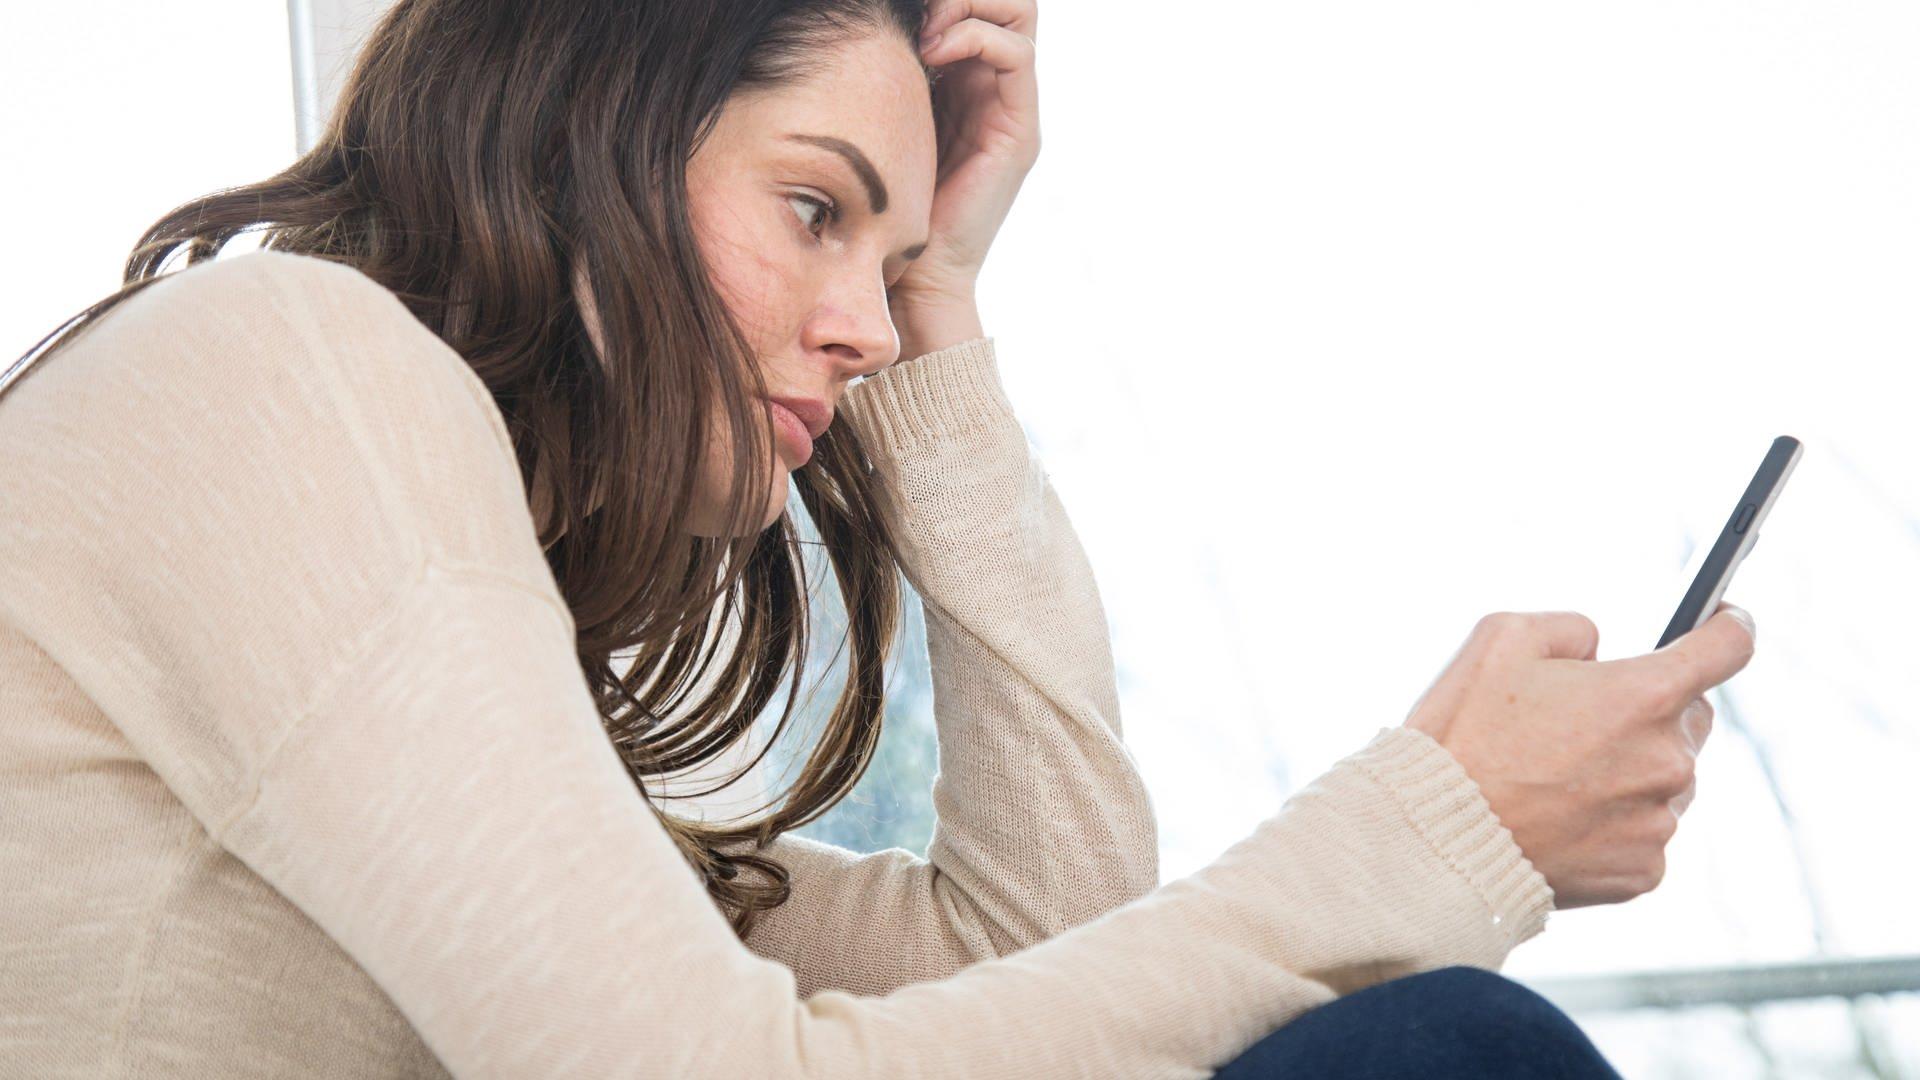 Onlineprogramm Soll Gegen Depressionen Helfen Swr Wissen Swr